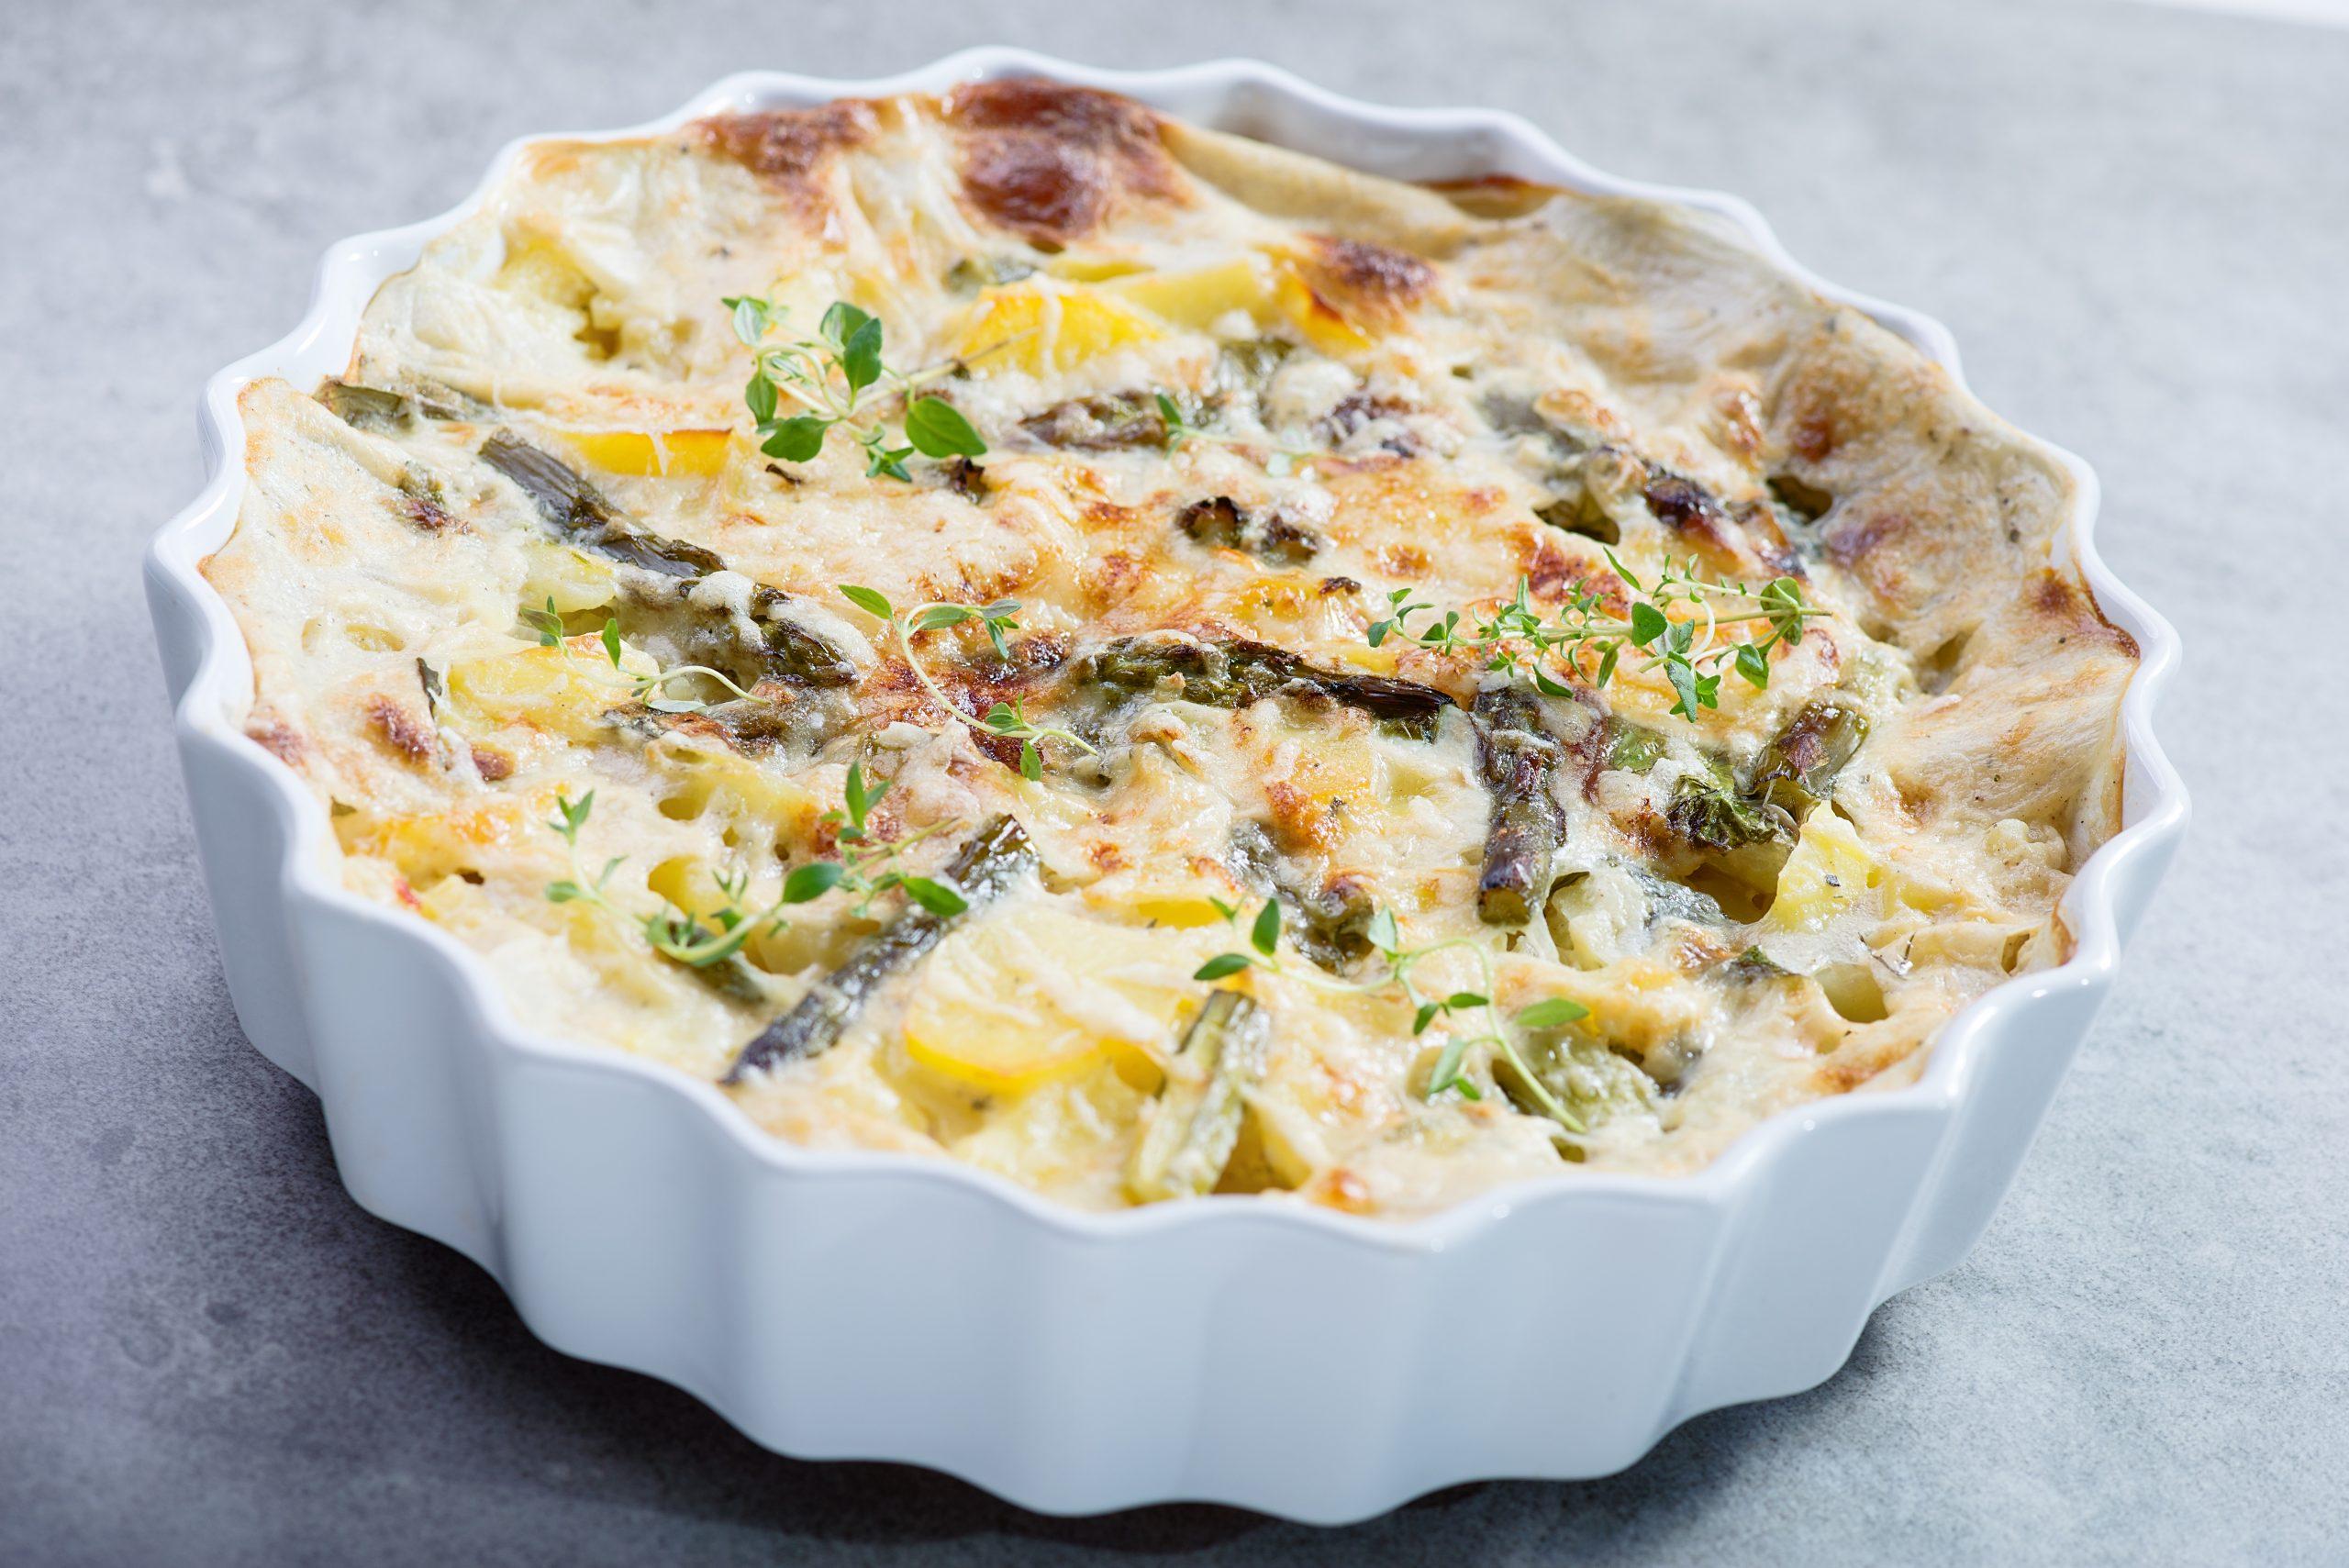 auflauf-mit-hackfleisch-kartoffeln-und-spargel